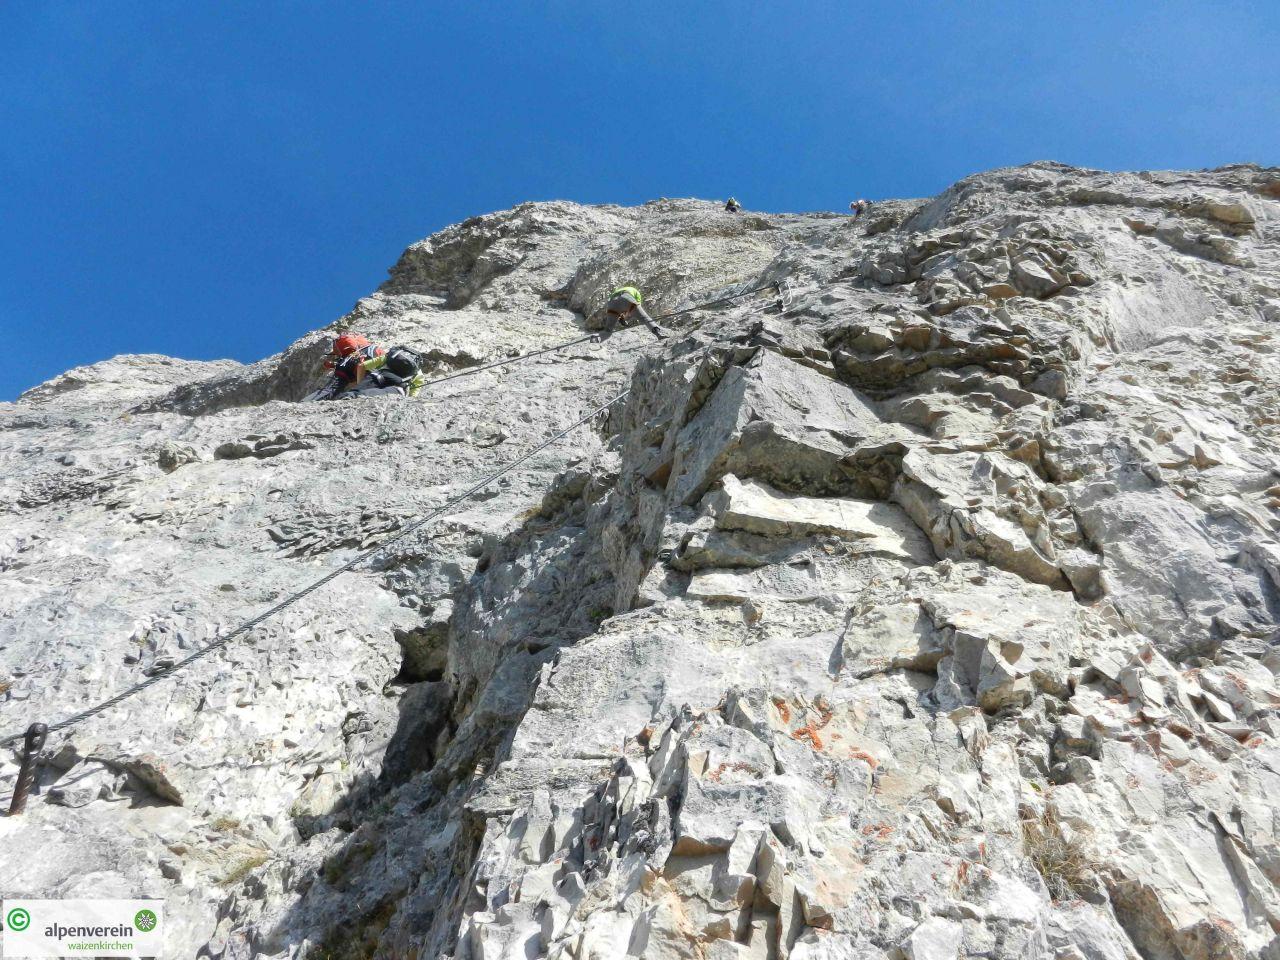 Klettersteig Loser : Klettersteig beschreibung loser panorama